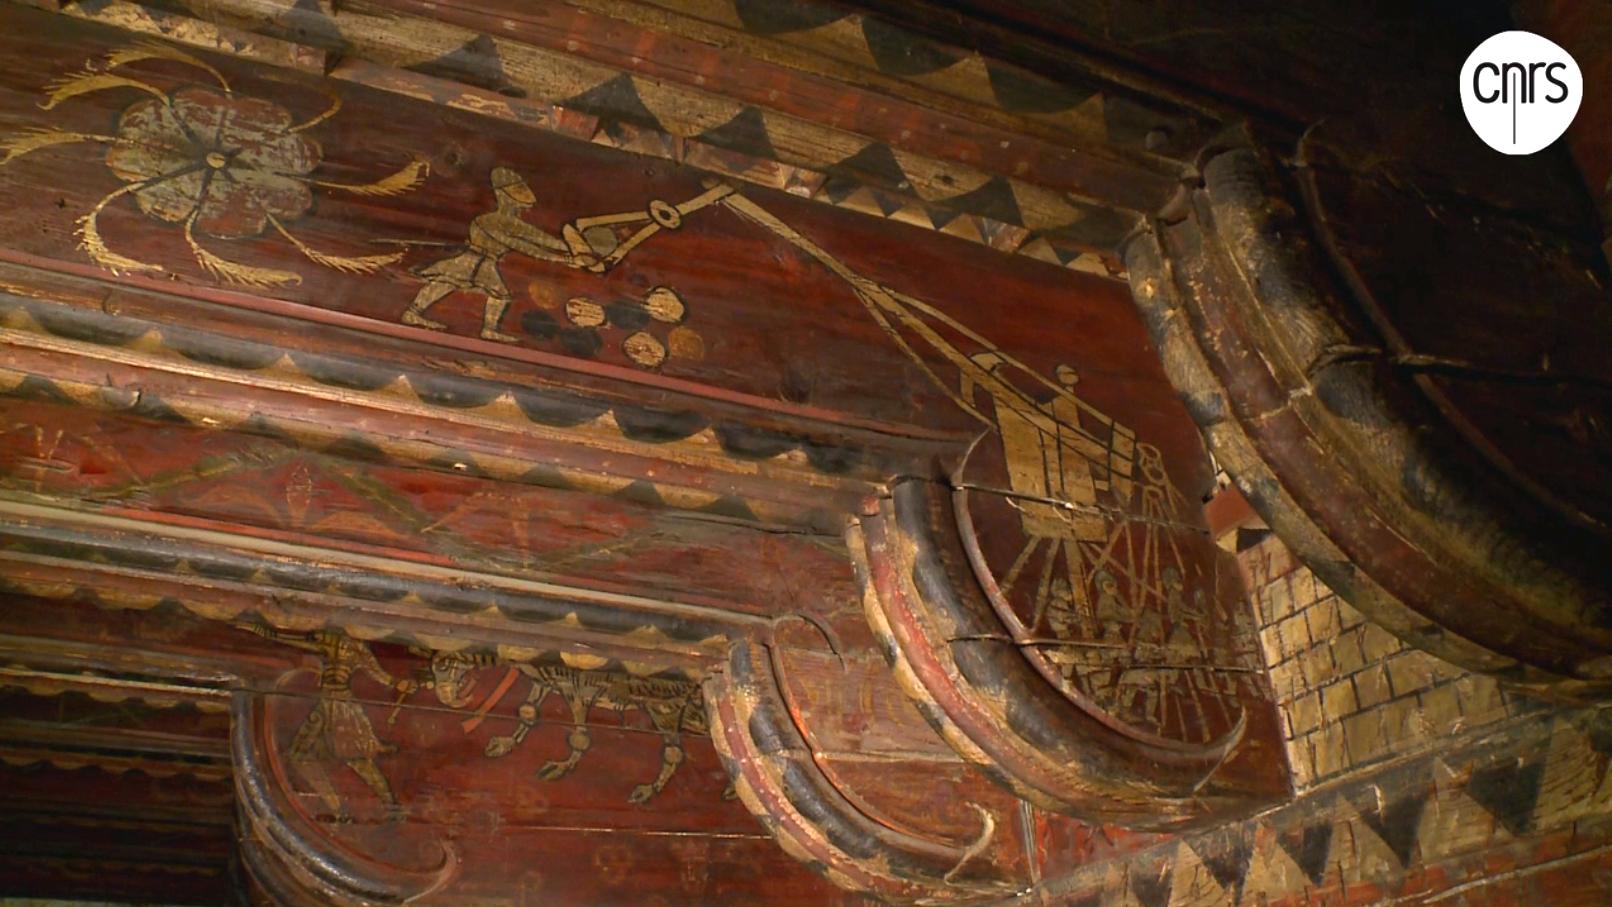 Extrait de la vidéo du CNRS sur les plafonds peints de 2014